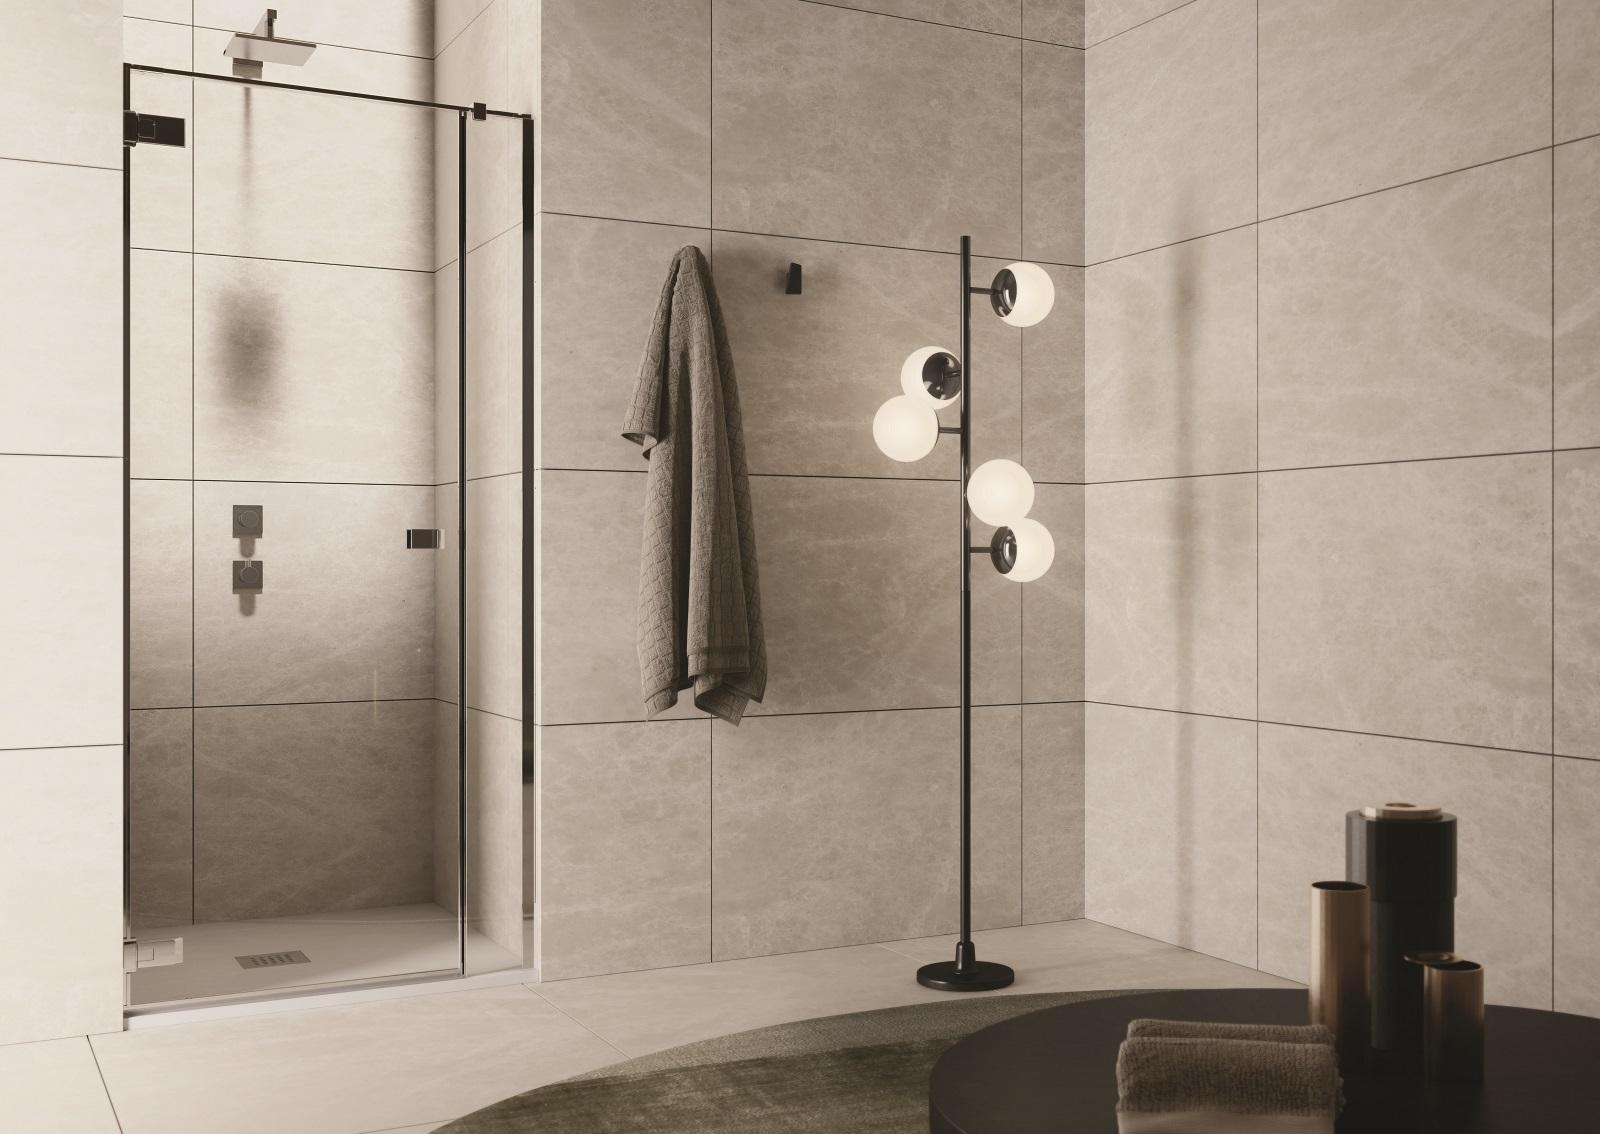 Vendita Docce Da Bagno : I trend per l ambiente doccia al salone del bagno